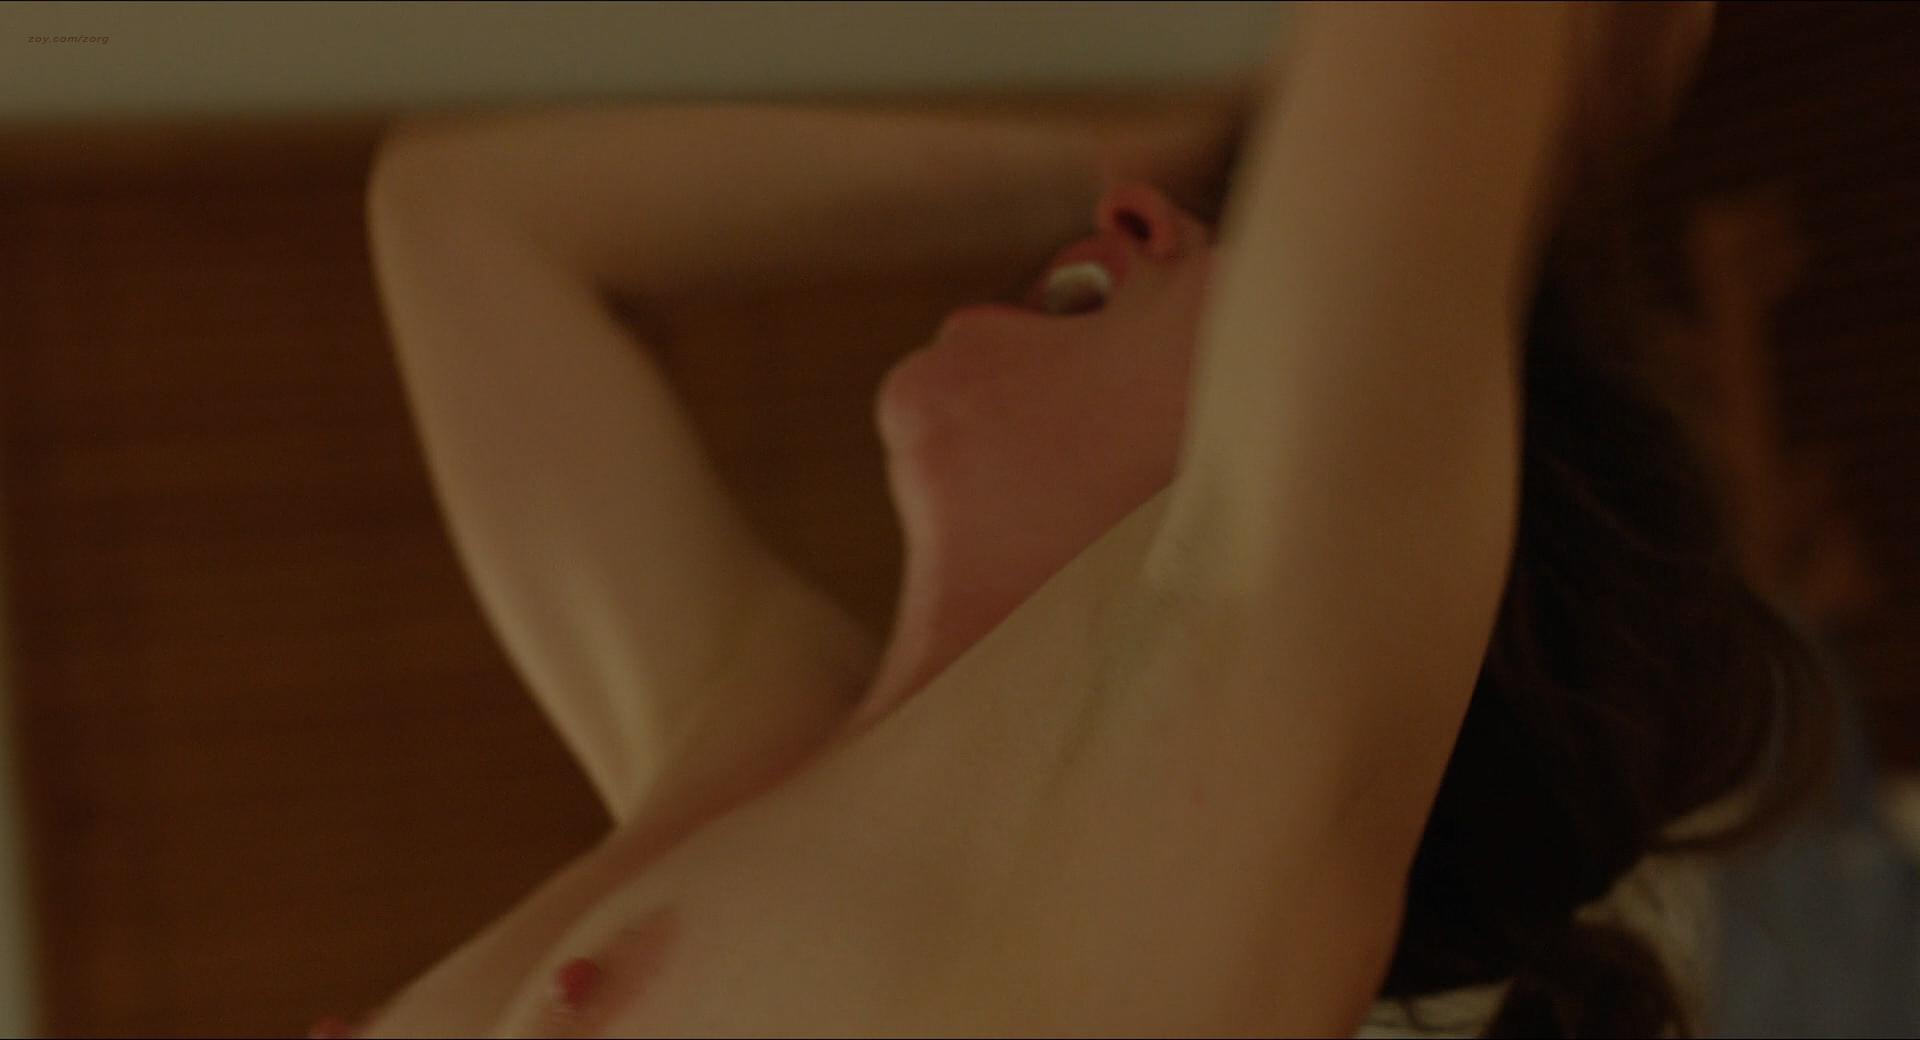 Washington naked kathryn hahn sex scene